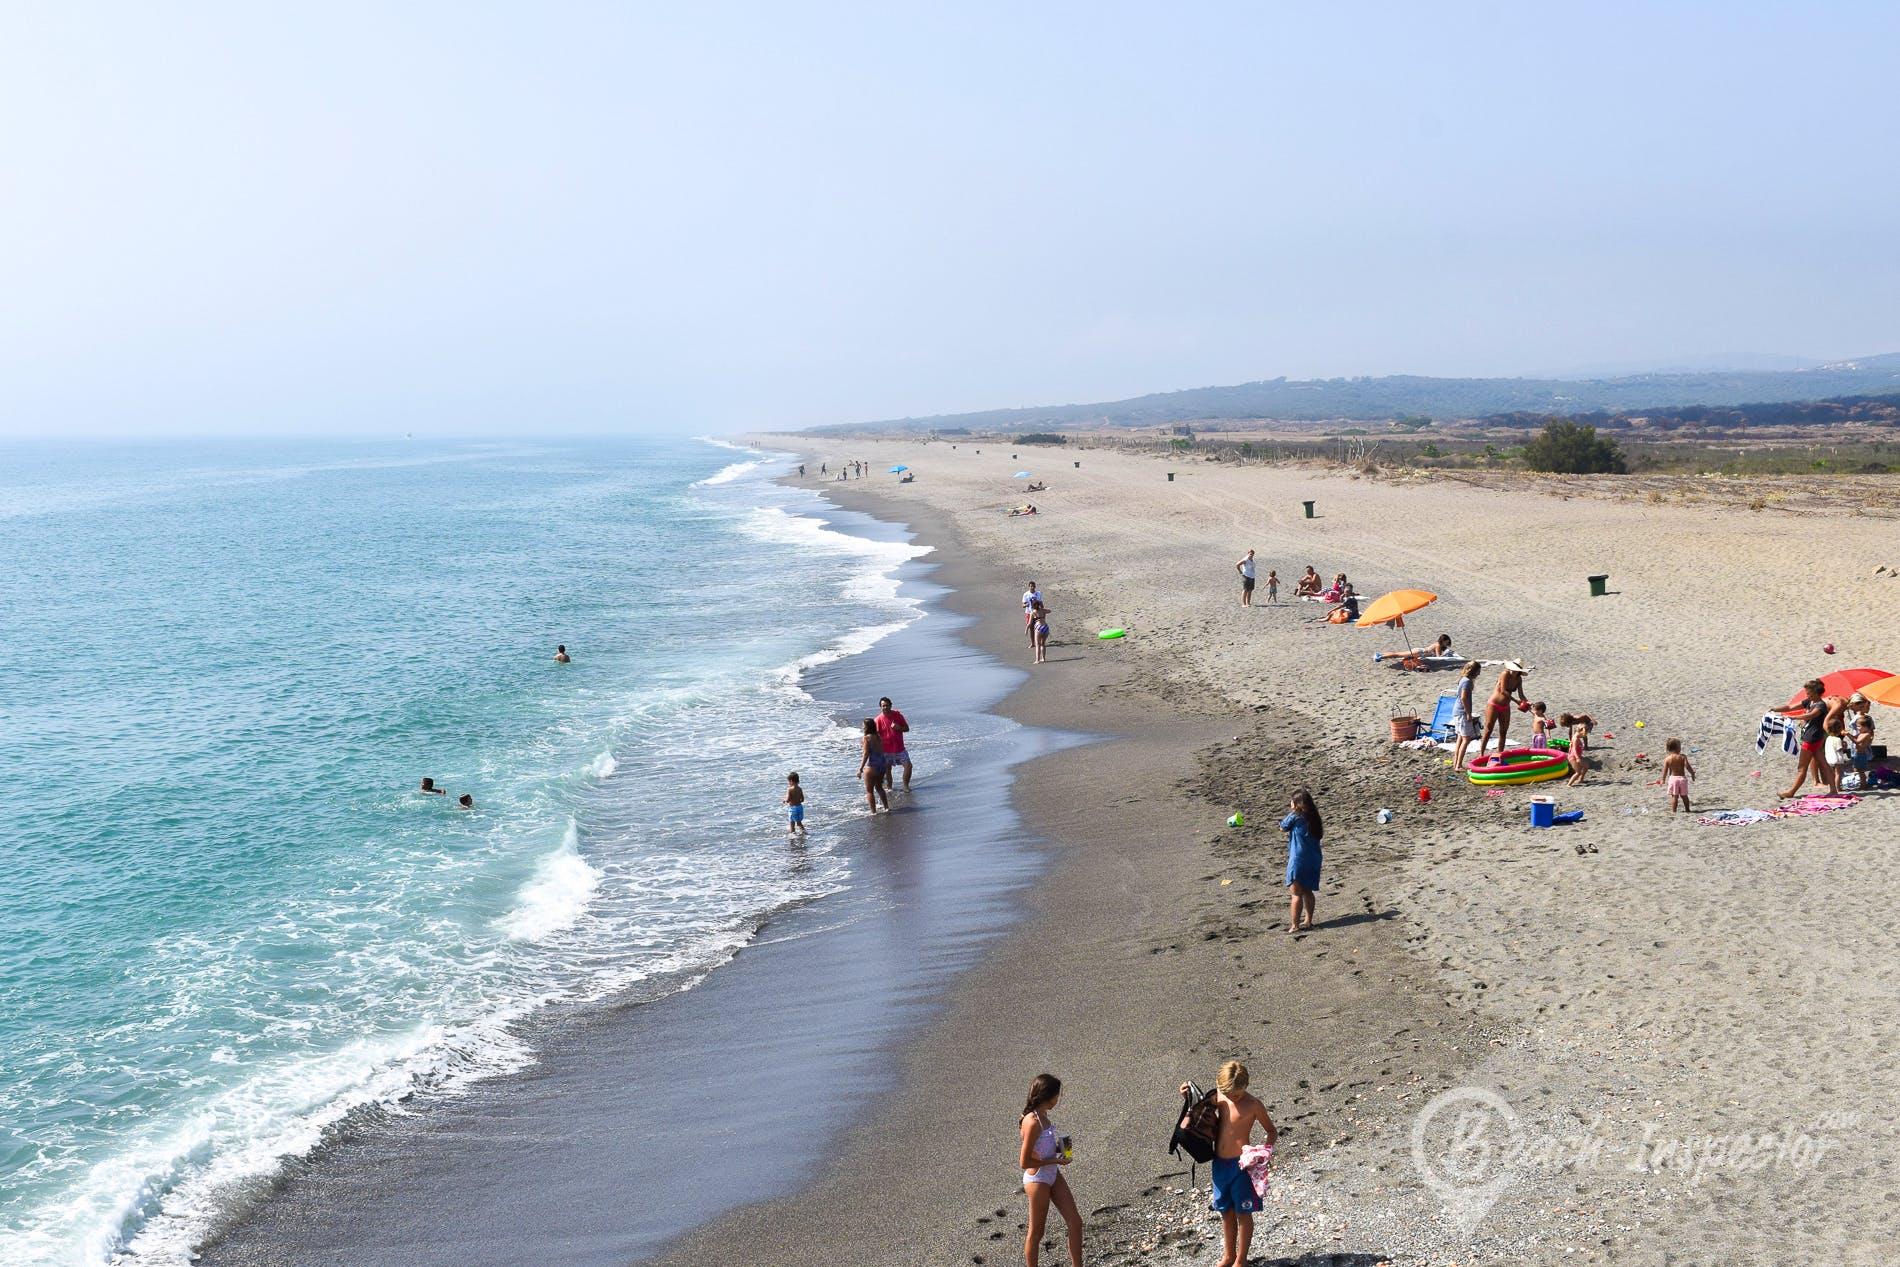 Beach Playa de Sotogrande, Costa del Sol, Spain